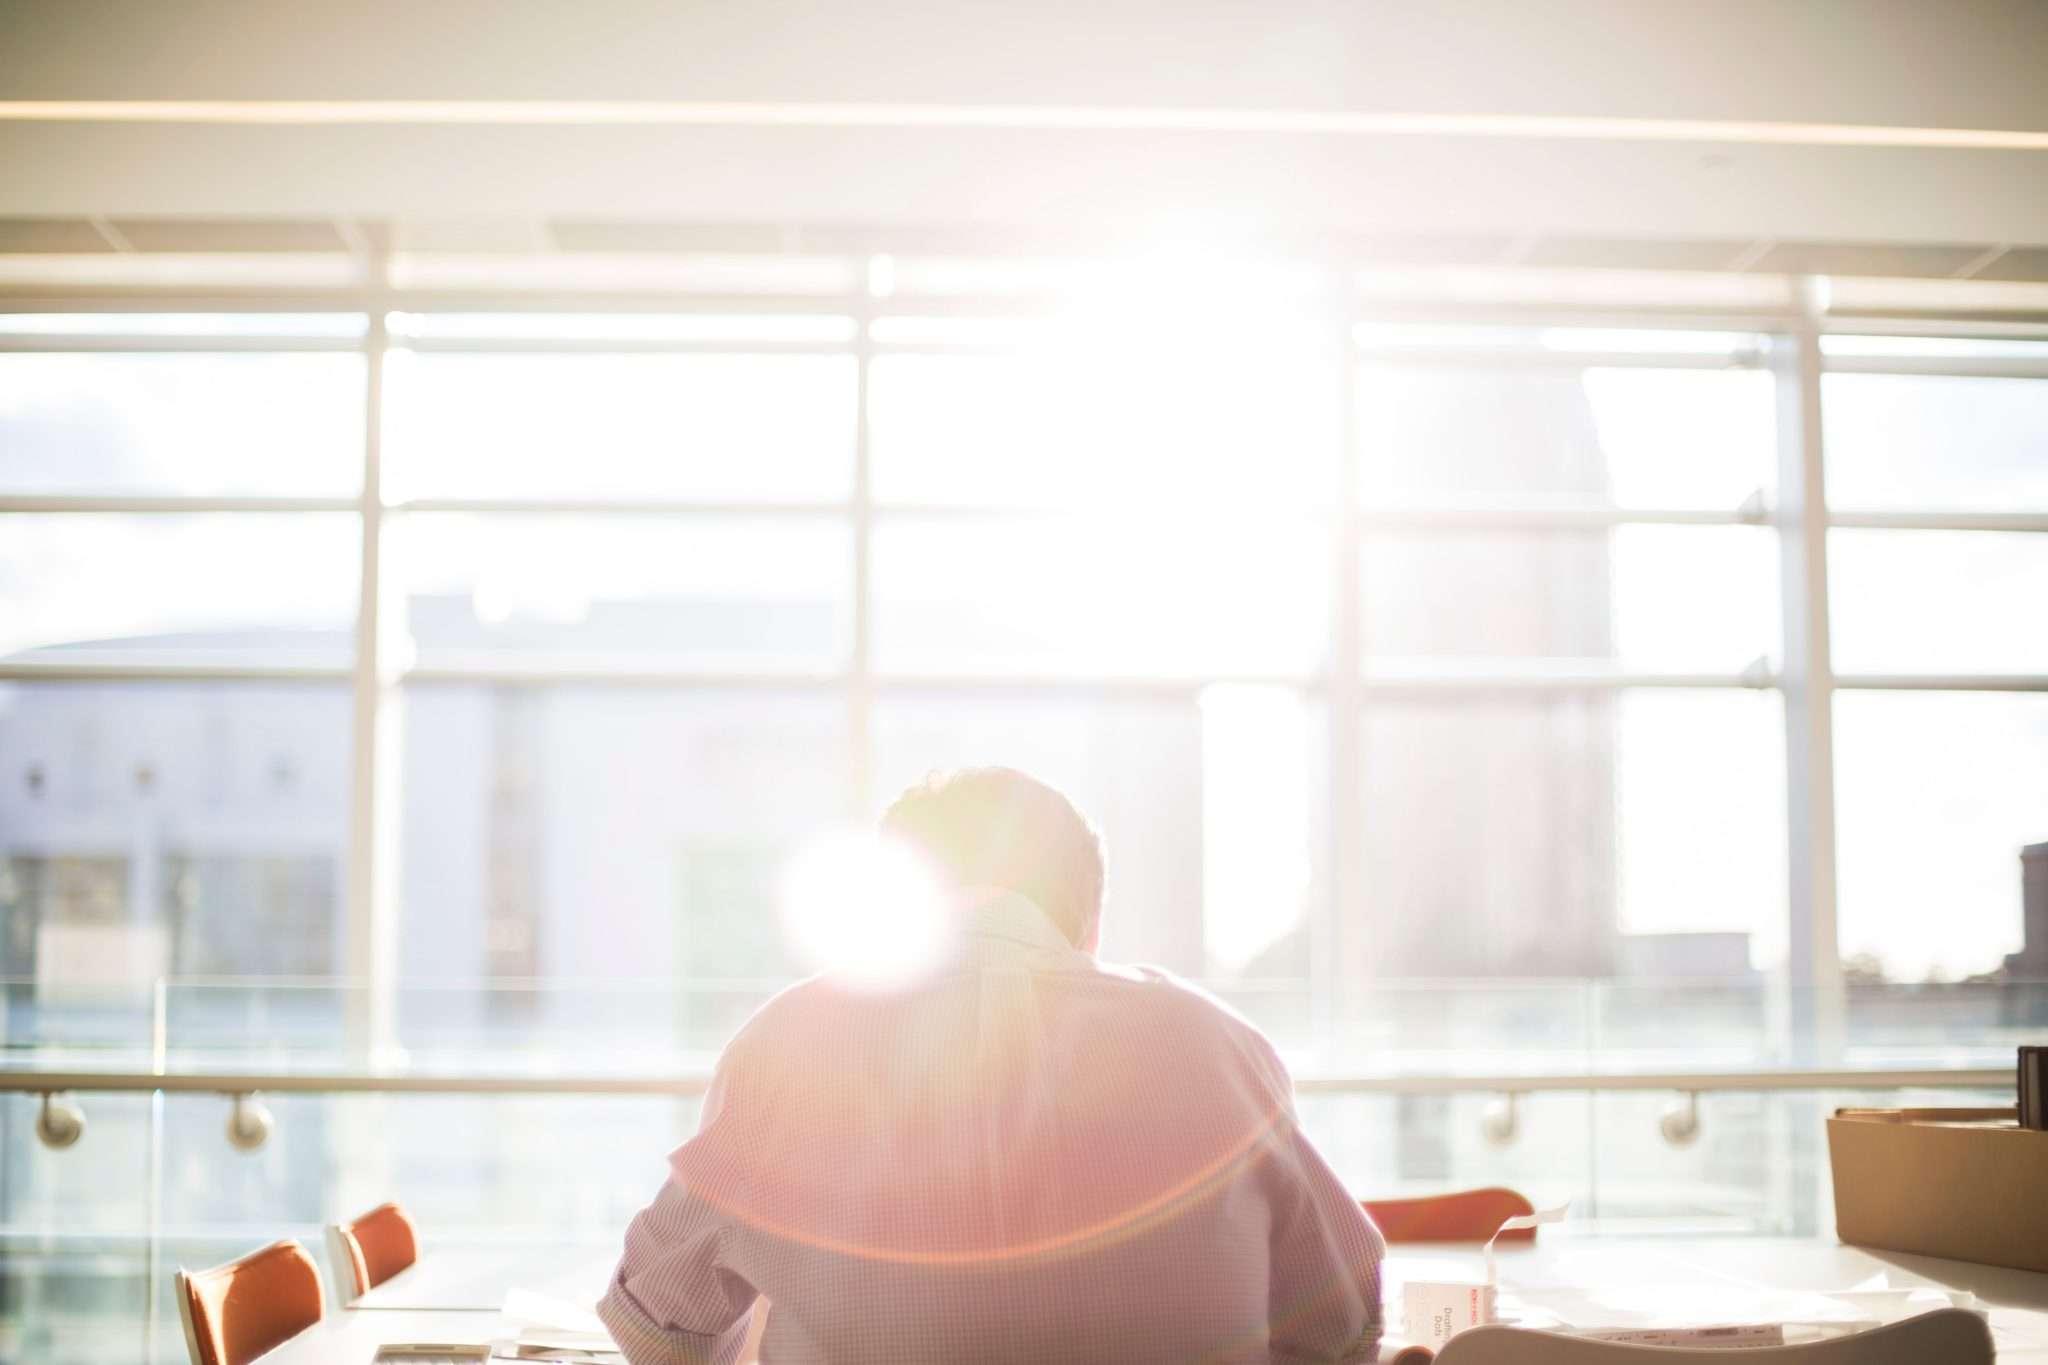 Corona-Krise: Risiken und Chancen für Startups